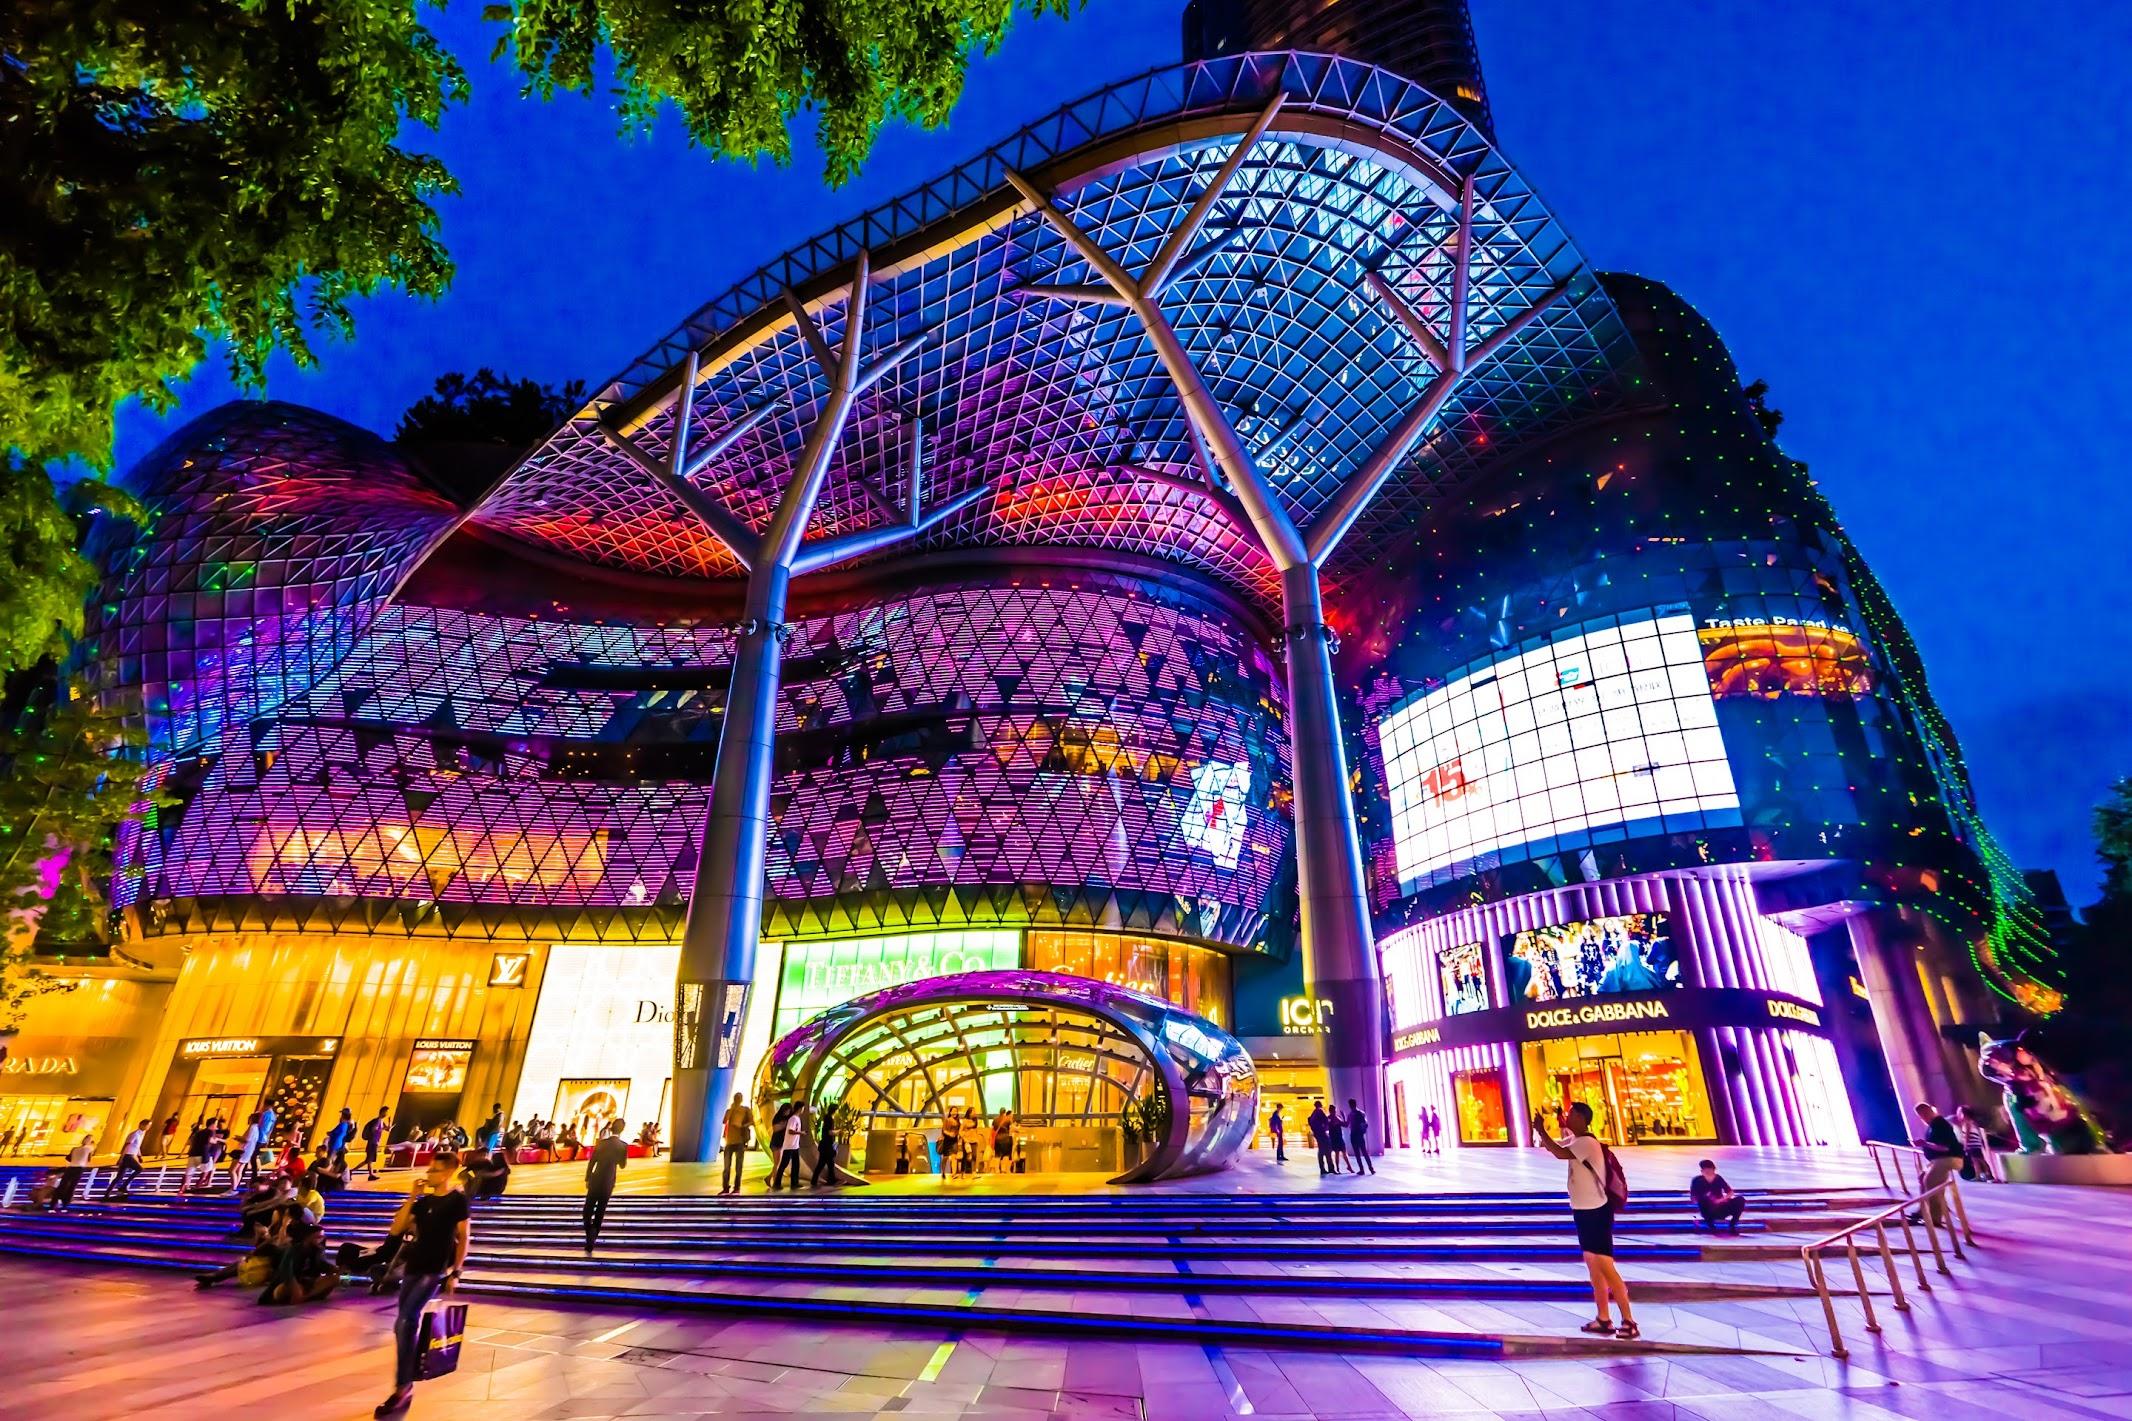 シンガポール アイオン・オーチャード(ION Orchard) 夜景(イルミネーション)1